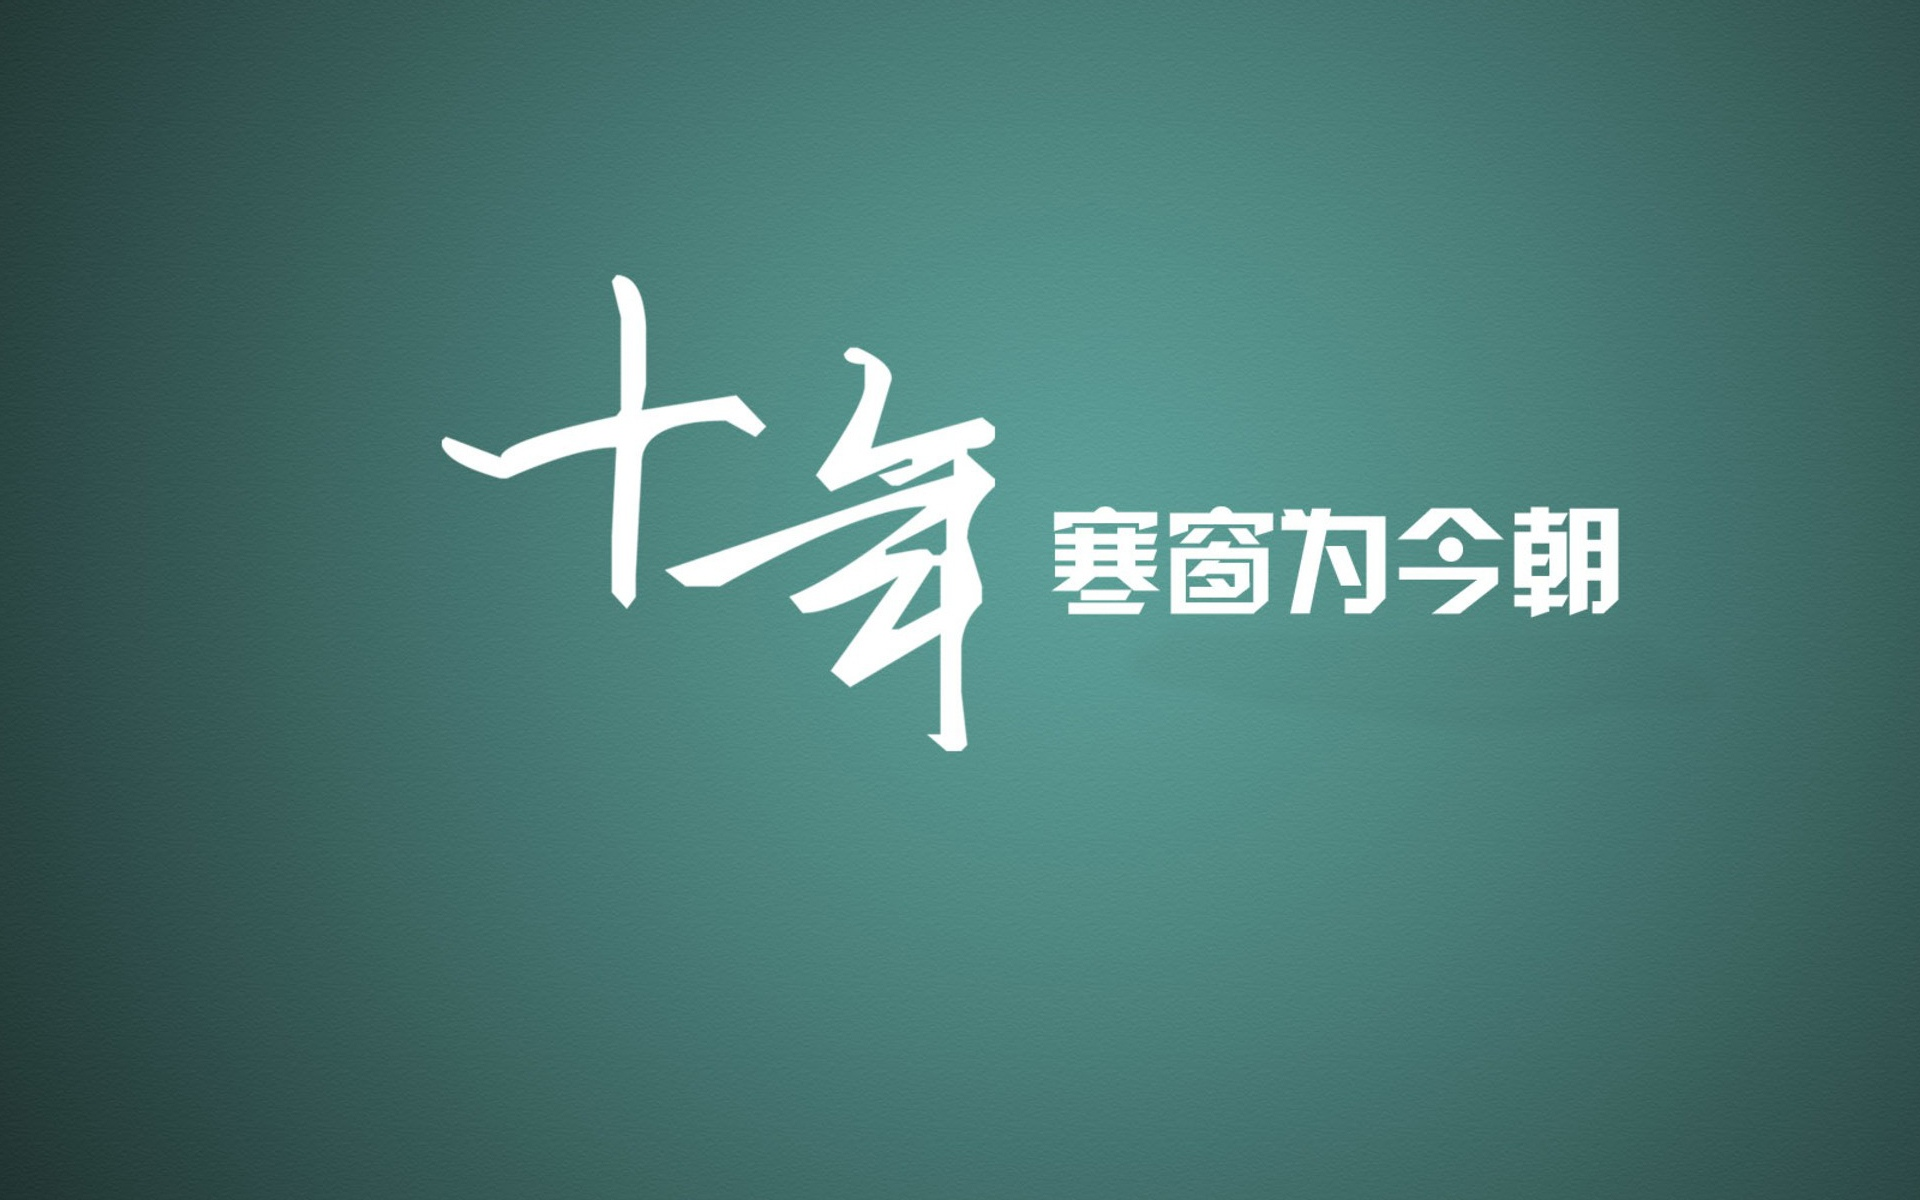 2020年内蒙古自治区普通高考志愿填报须知